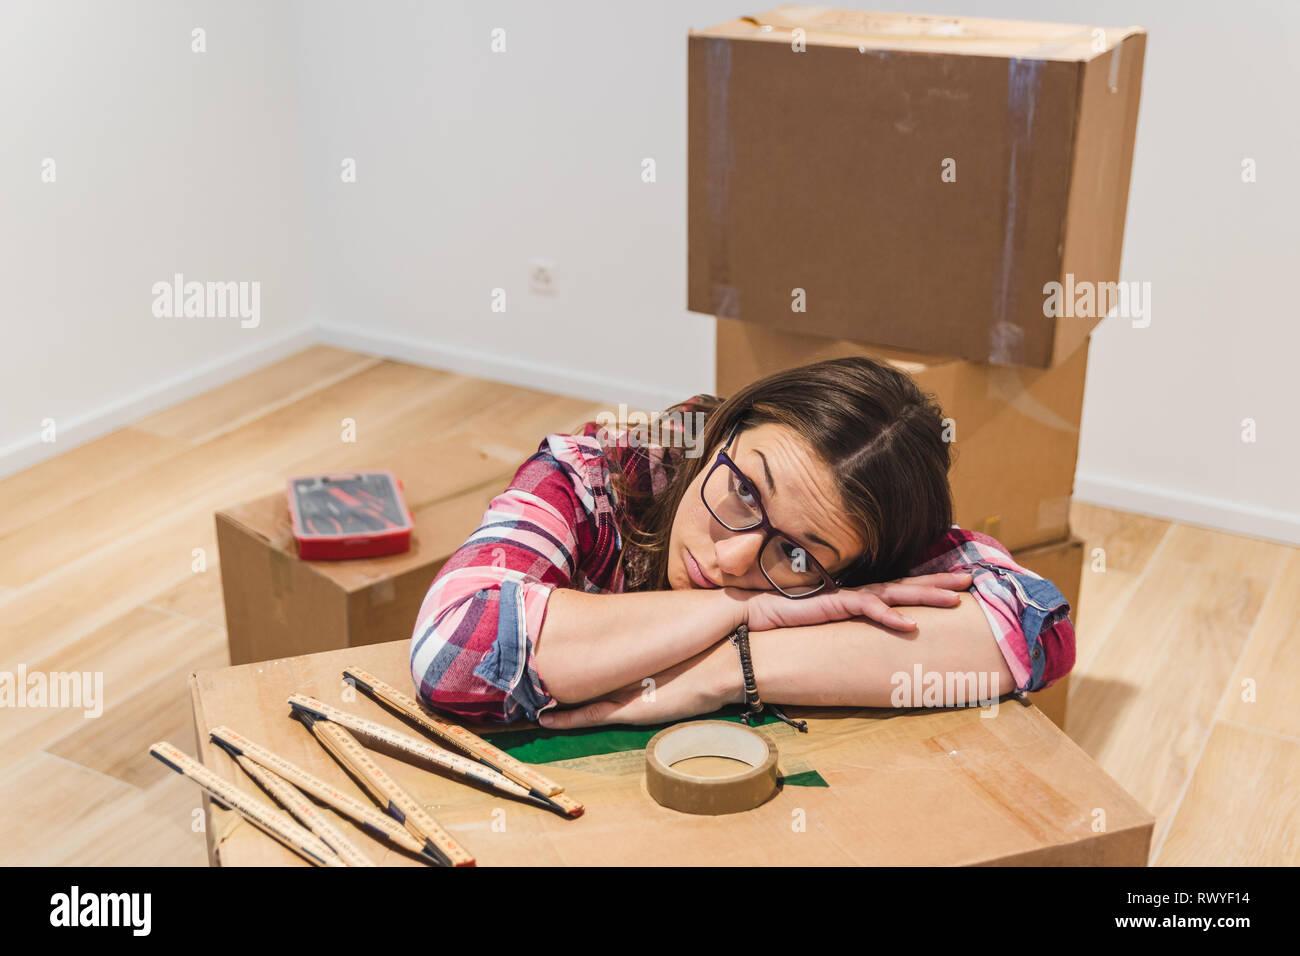 Sad girl entouré par des zones au cours d'un déménagement Photo Stock